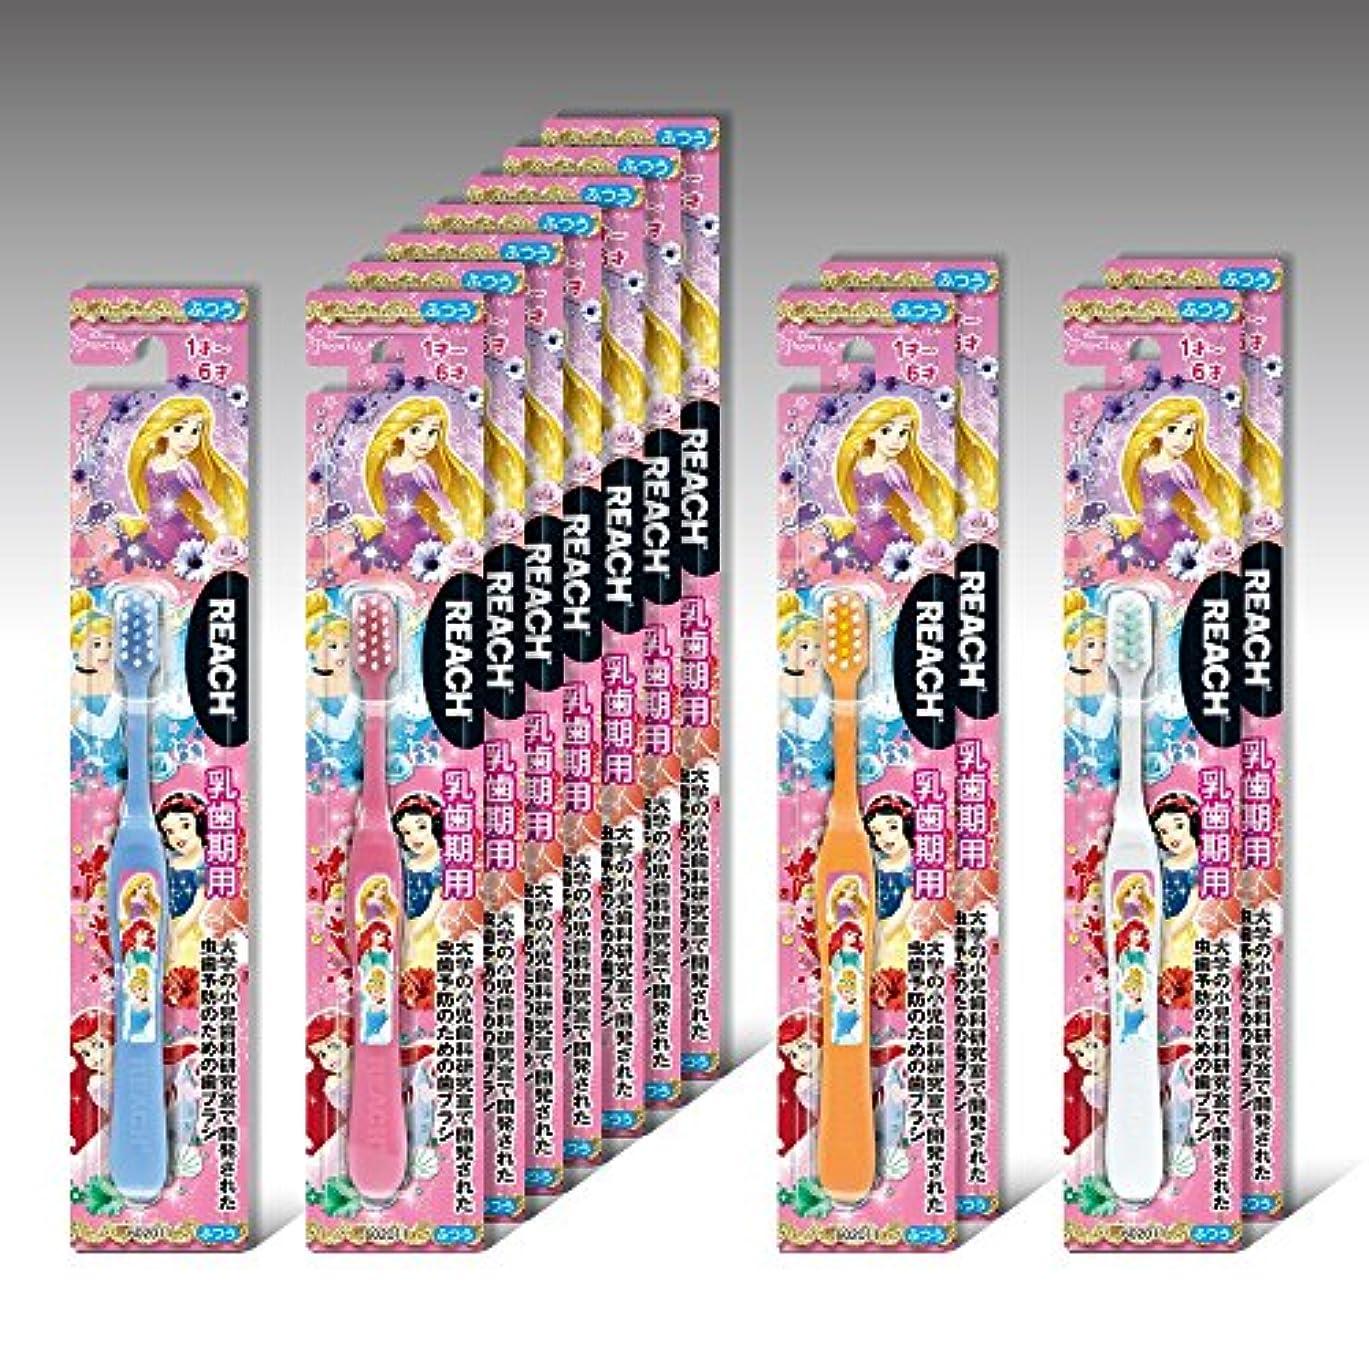 箱後ろに歪めるリーチキッズ ディズニープリンセス 乳歯期用(1~6才) 12本セット